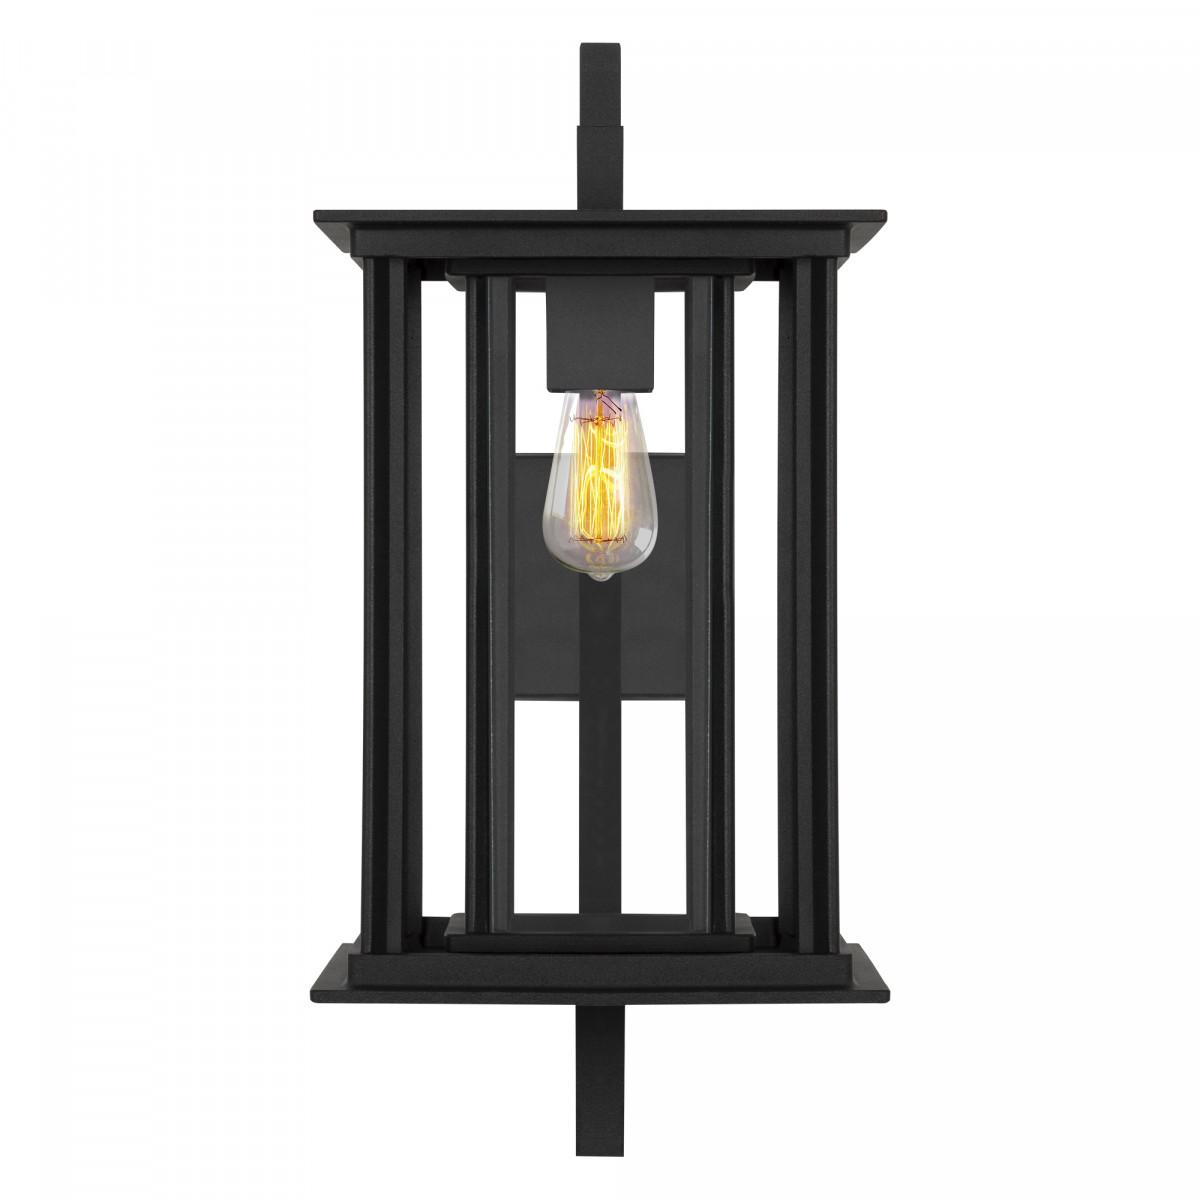 Exclusieve buitenverlichting wandlamp Capital New York stijlvol strak klassiek vormgegeven buitenlamp van KS Verlichting